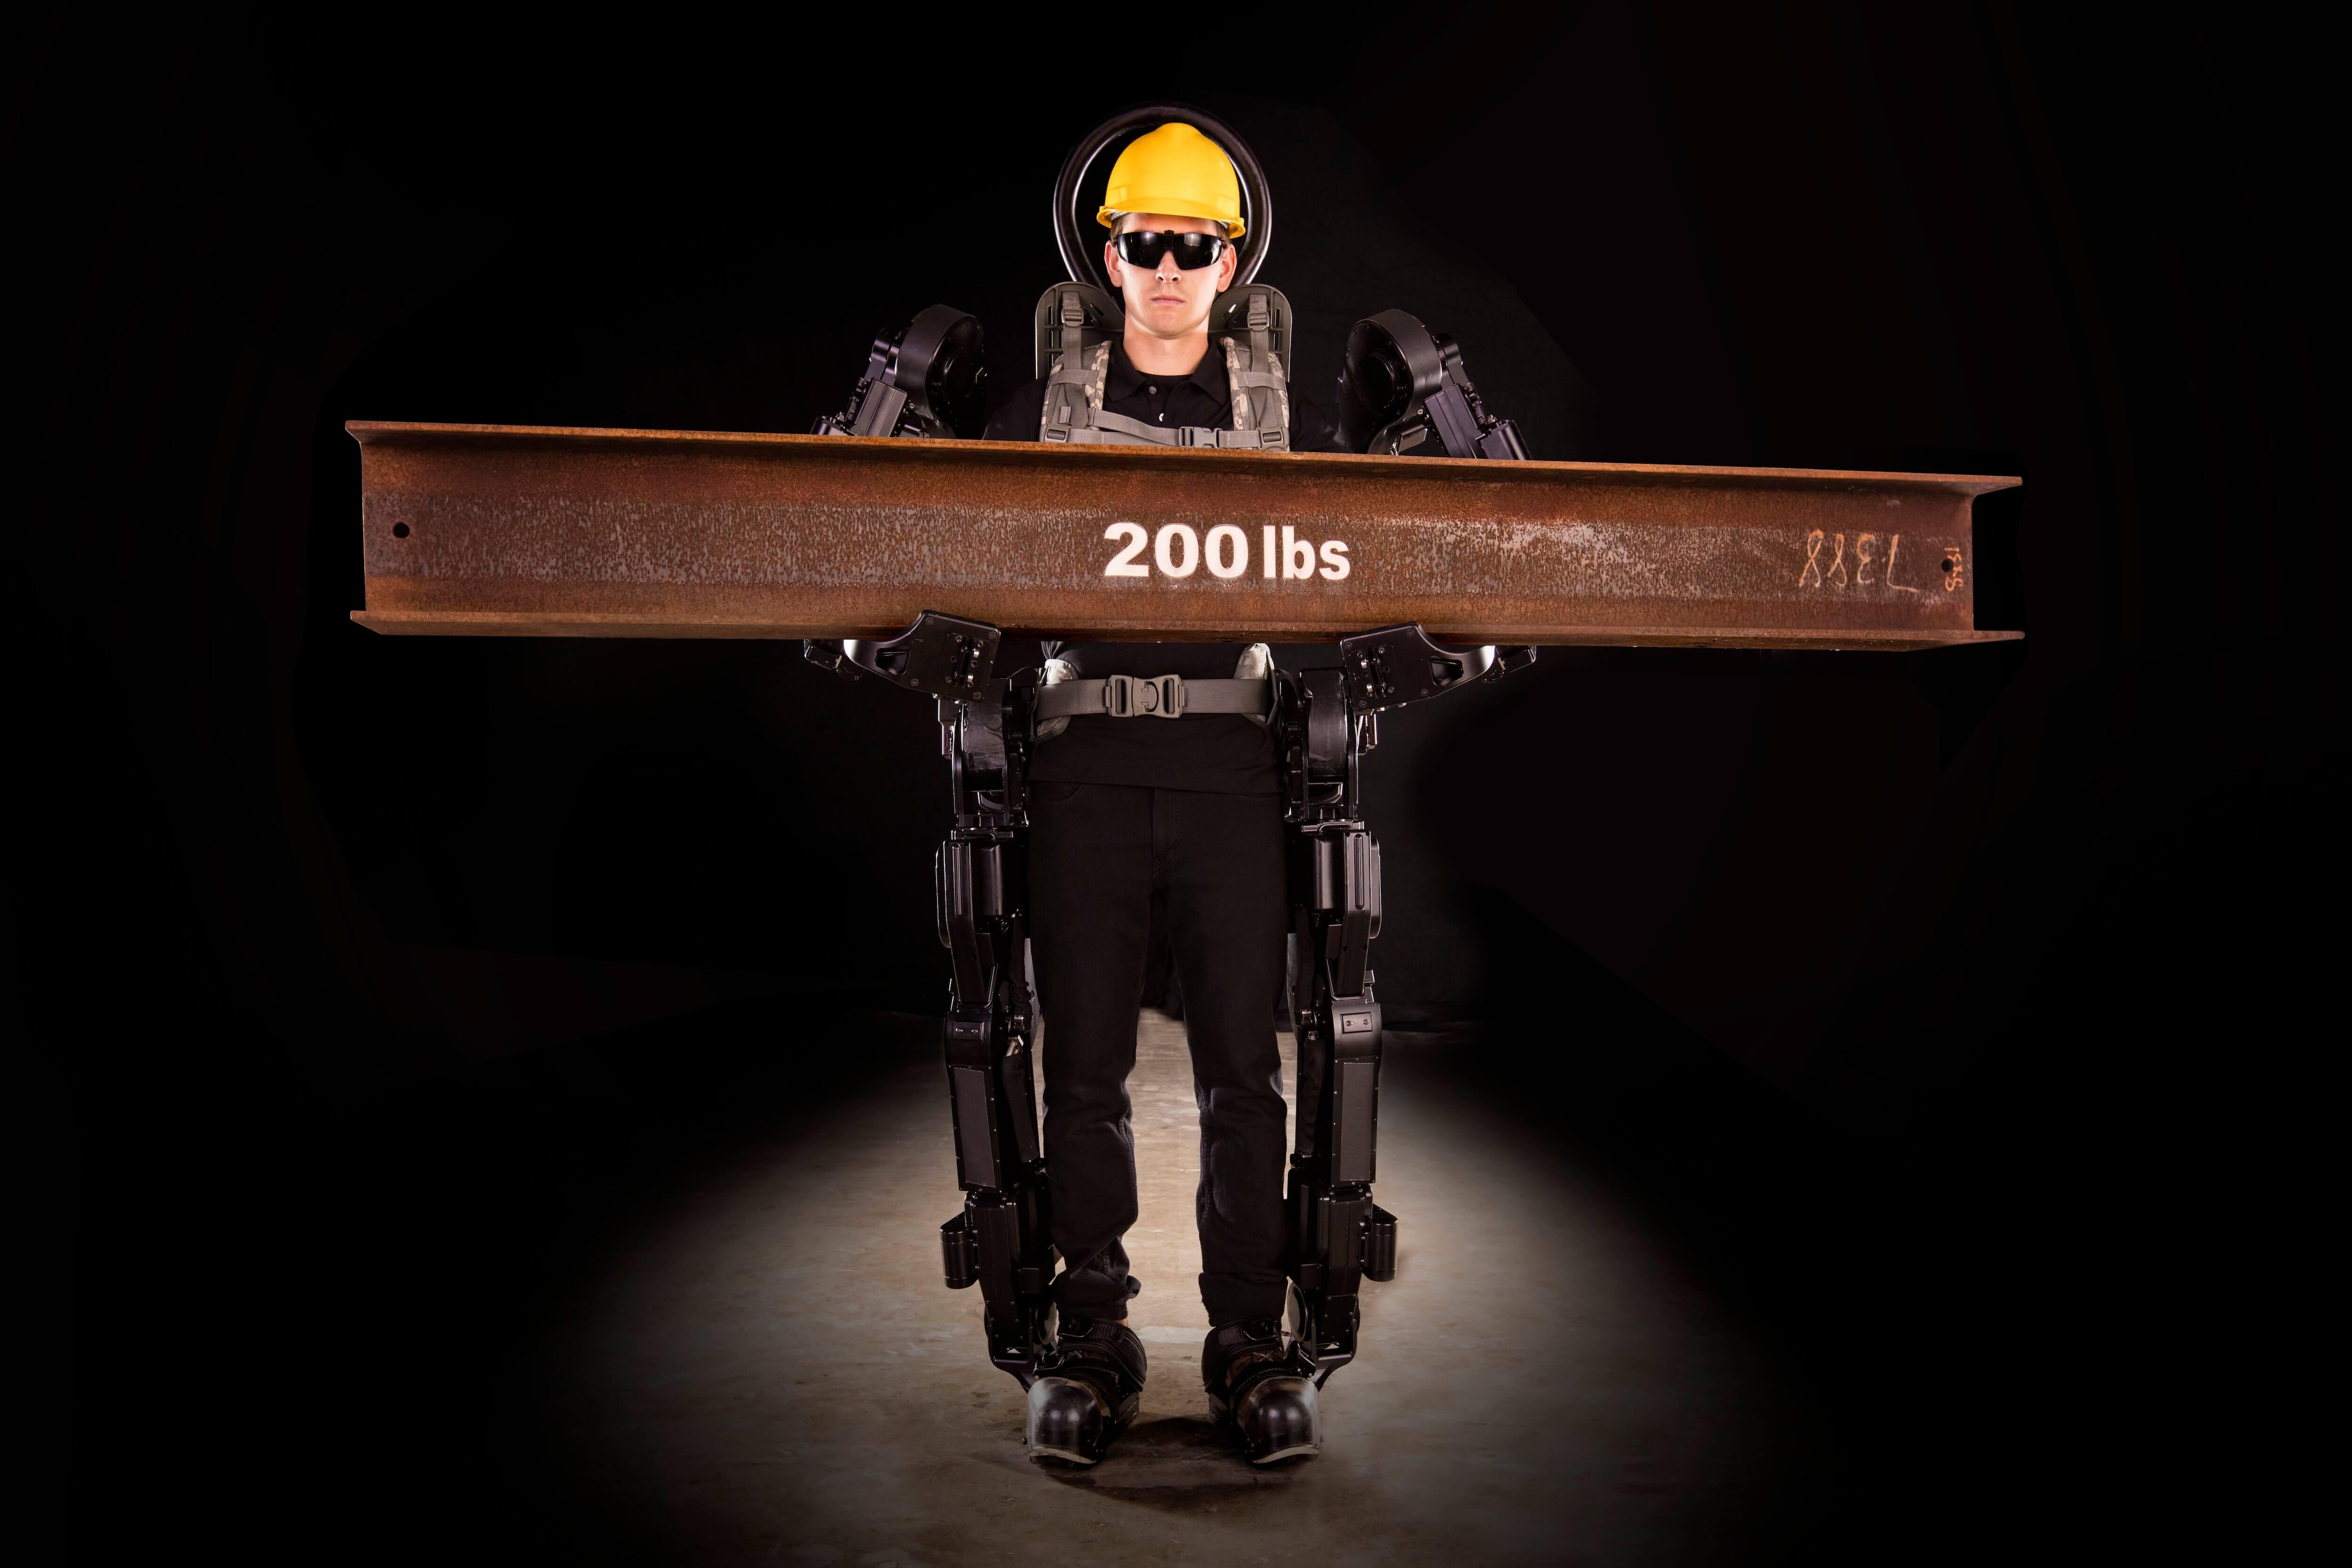 Новый экзоскелет поможет человеку поднять груз весом 90 килограммов